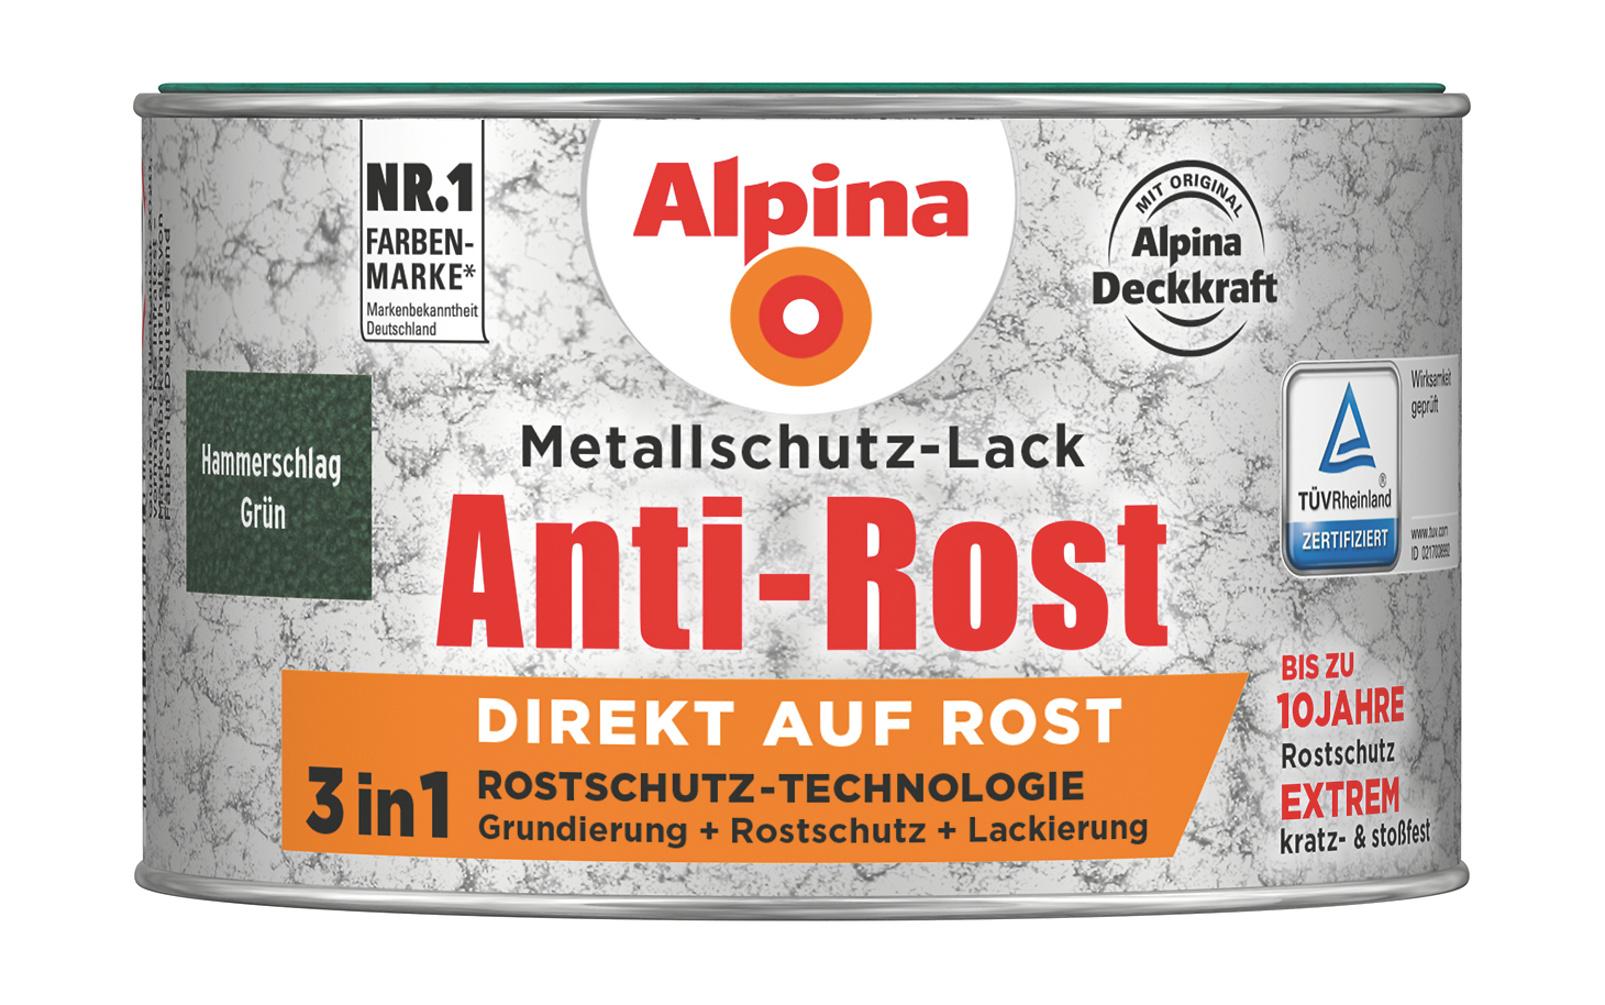 Wie Kann Eisen Vor Rost Schützen anti rost metallschutz lack hammerschlag grün direkt auf rost